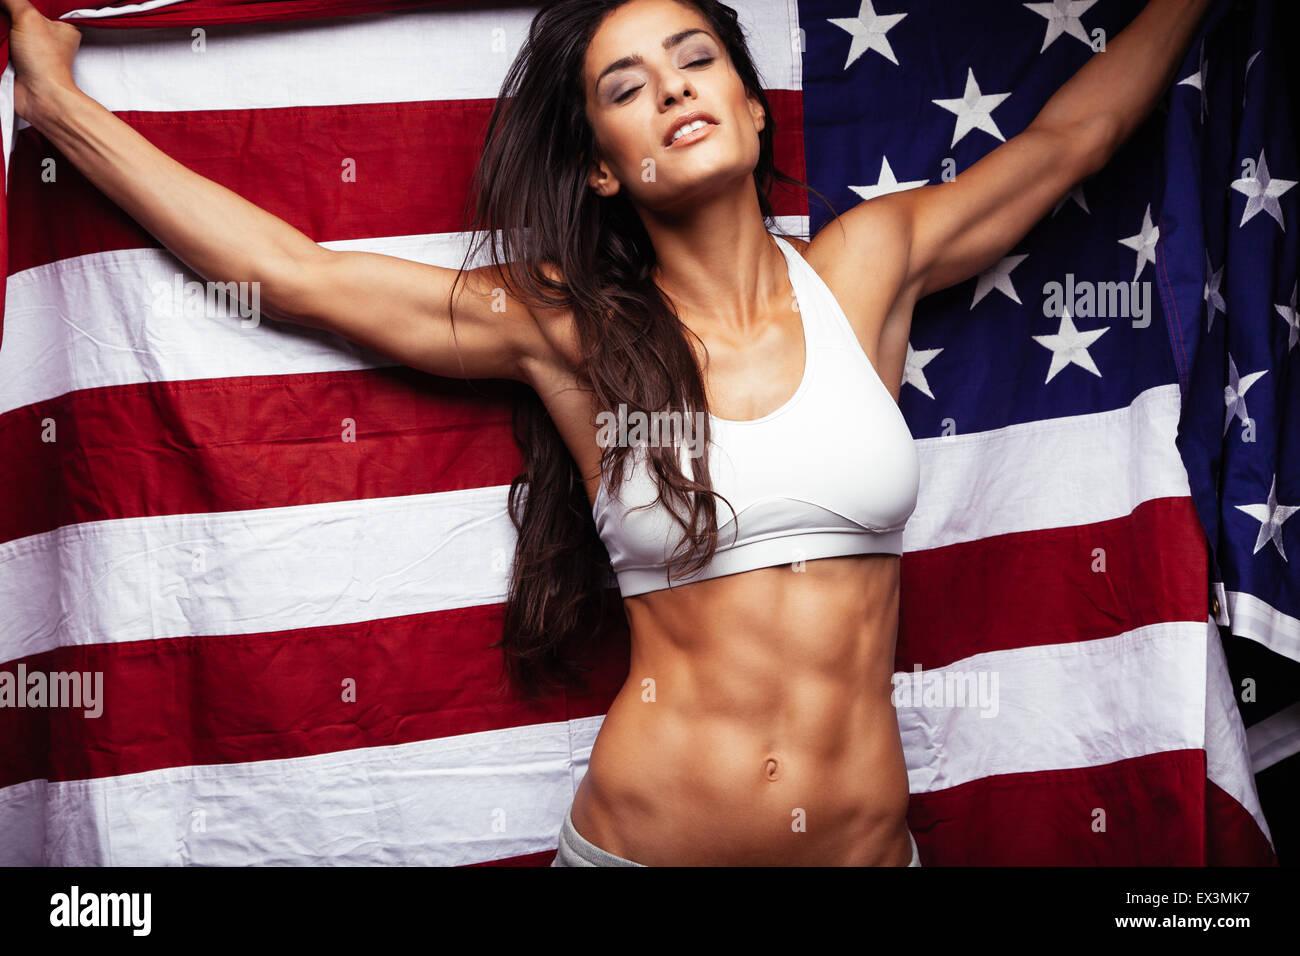 Deportivo joven sosteniendo la bandera americana. Fitness femenino perfecto con abs. Imagen De Stock